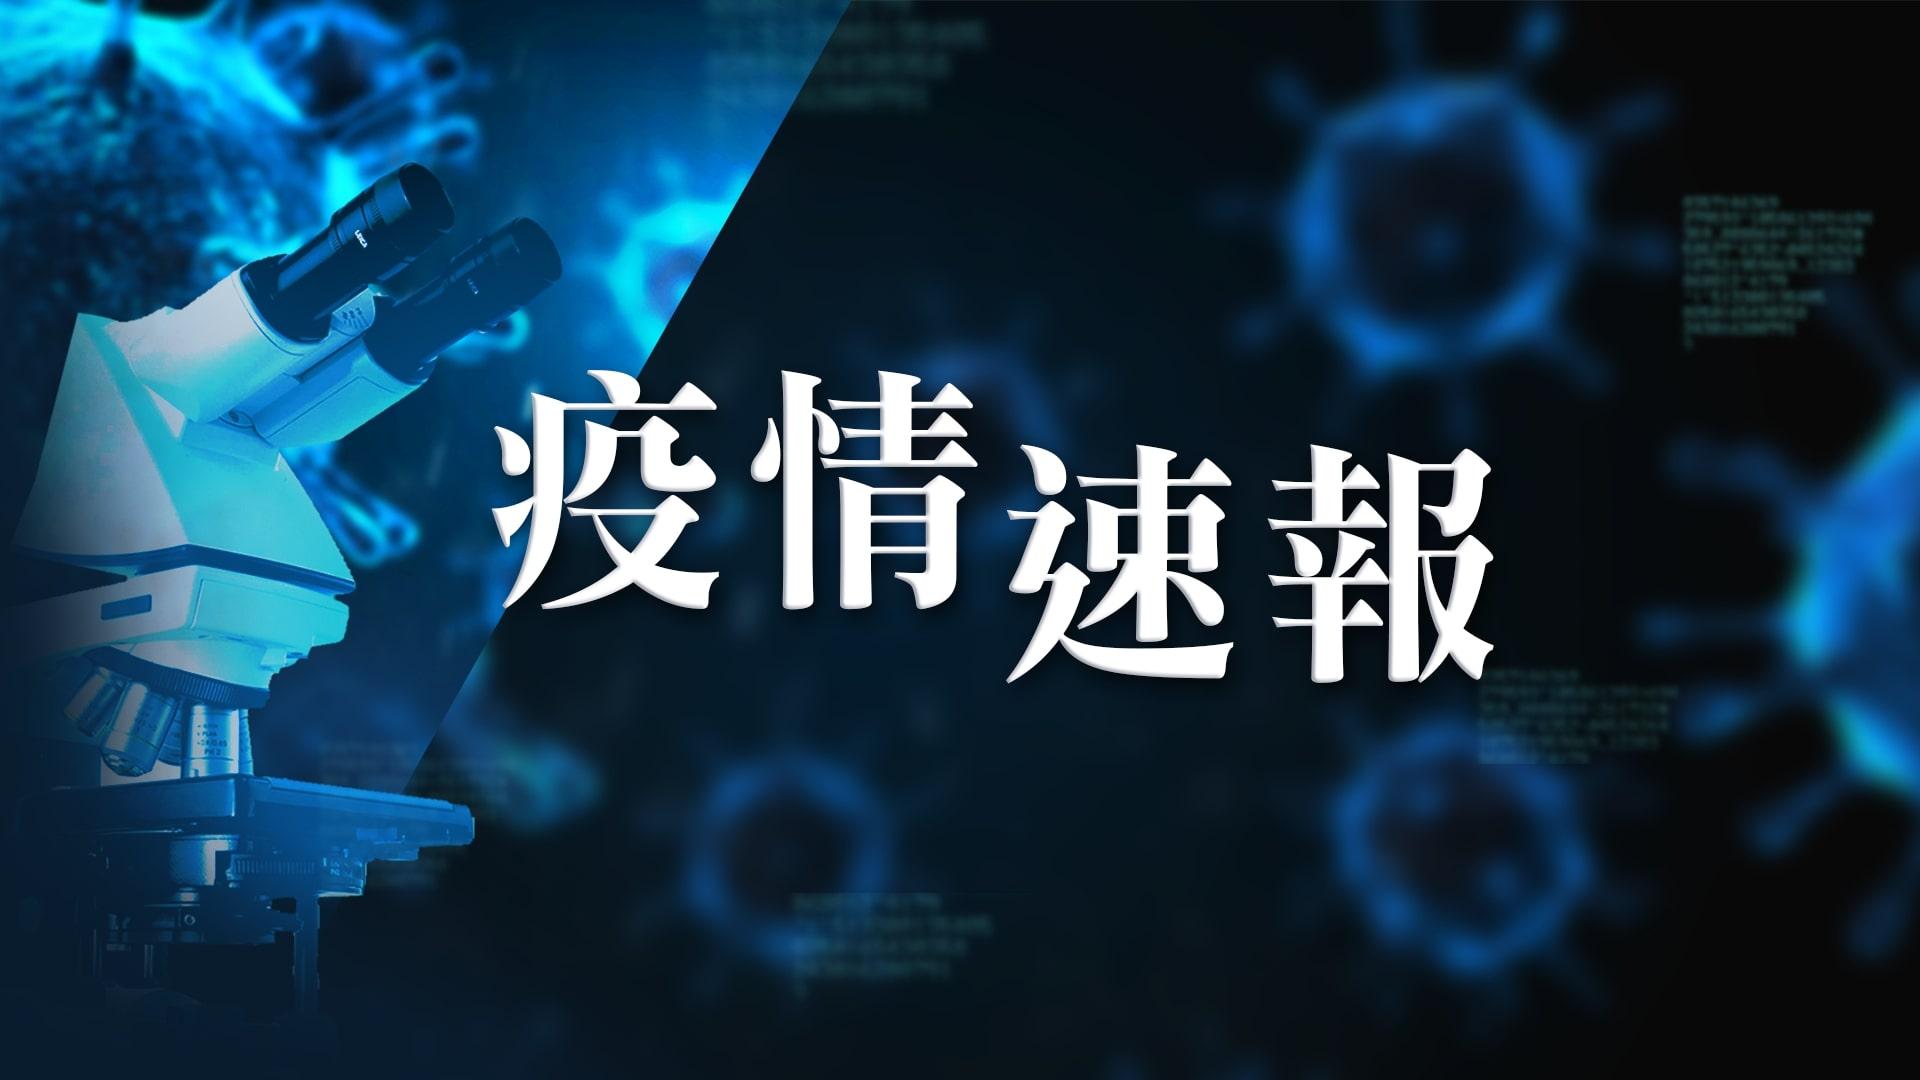 【11月29日疫情速報】(09:55)